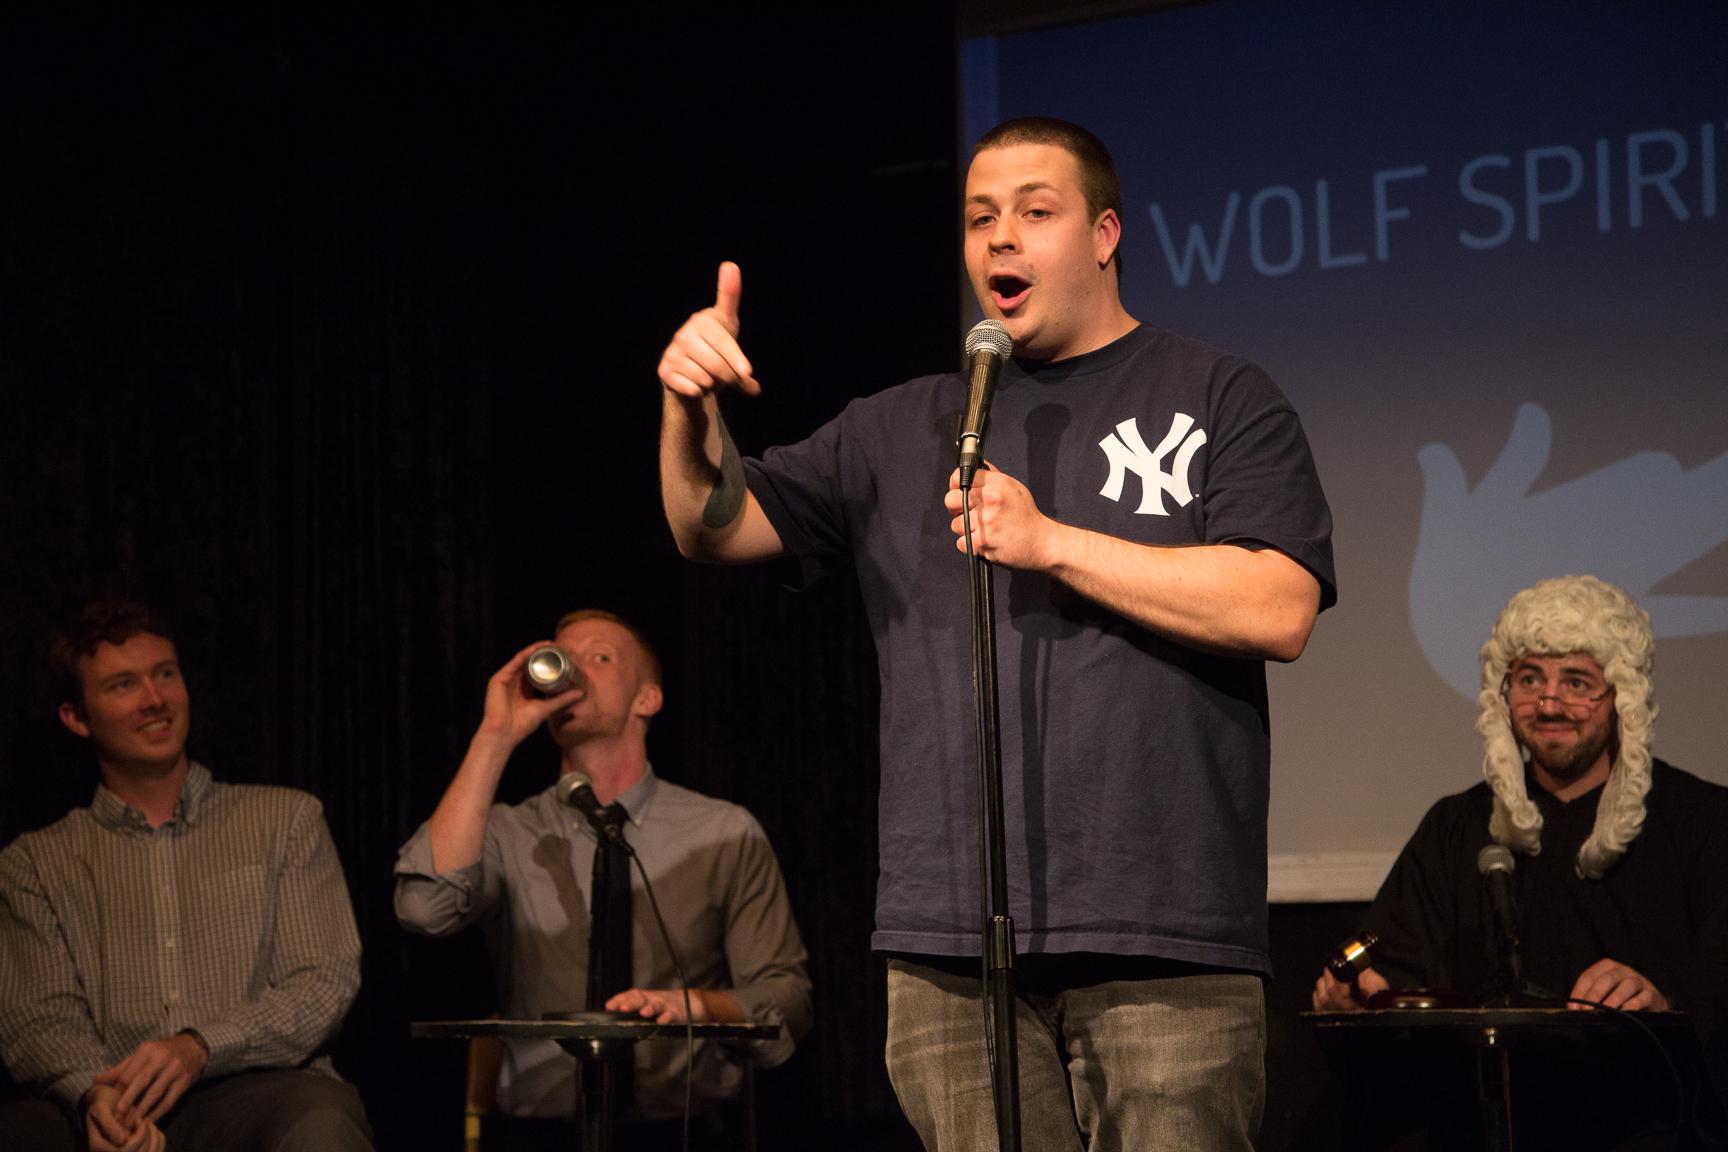 Wolf Spirit Live - Justin Flanagan